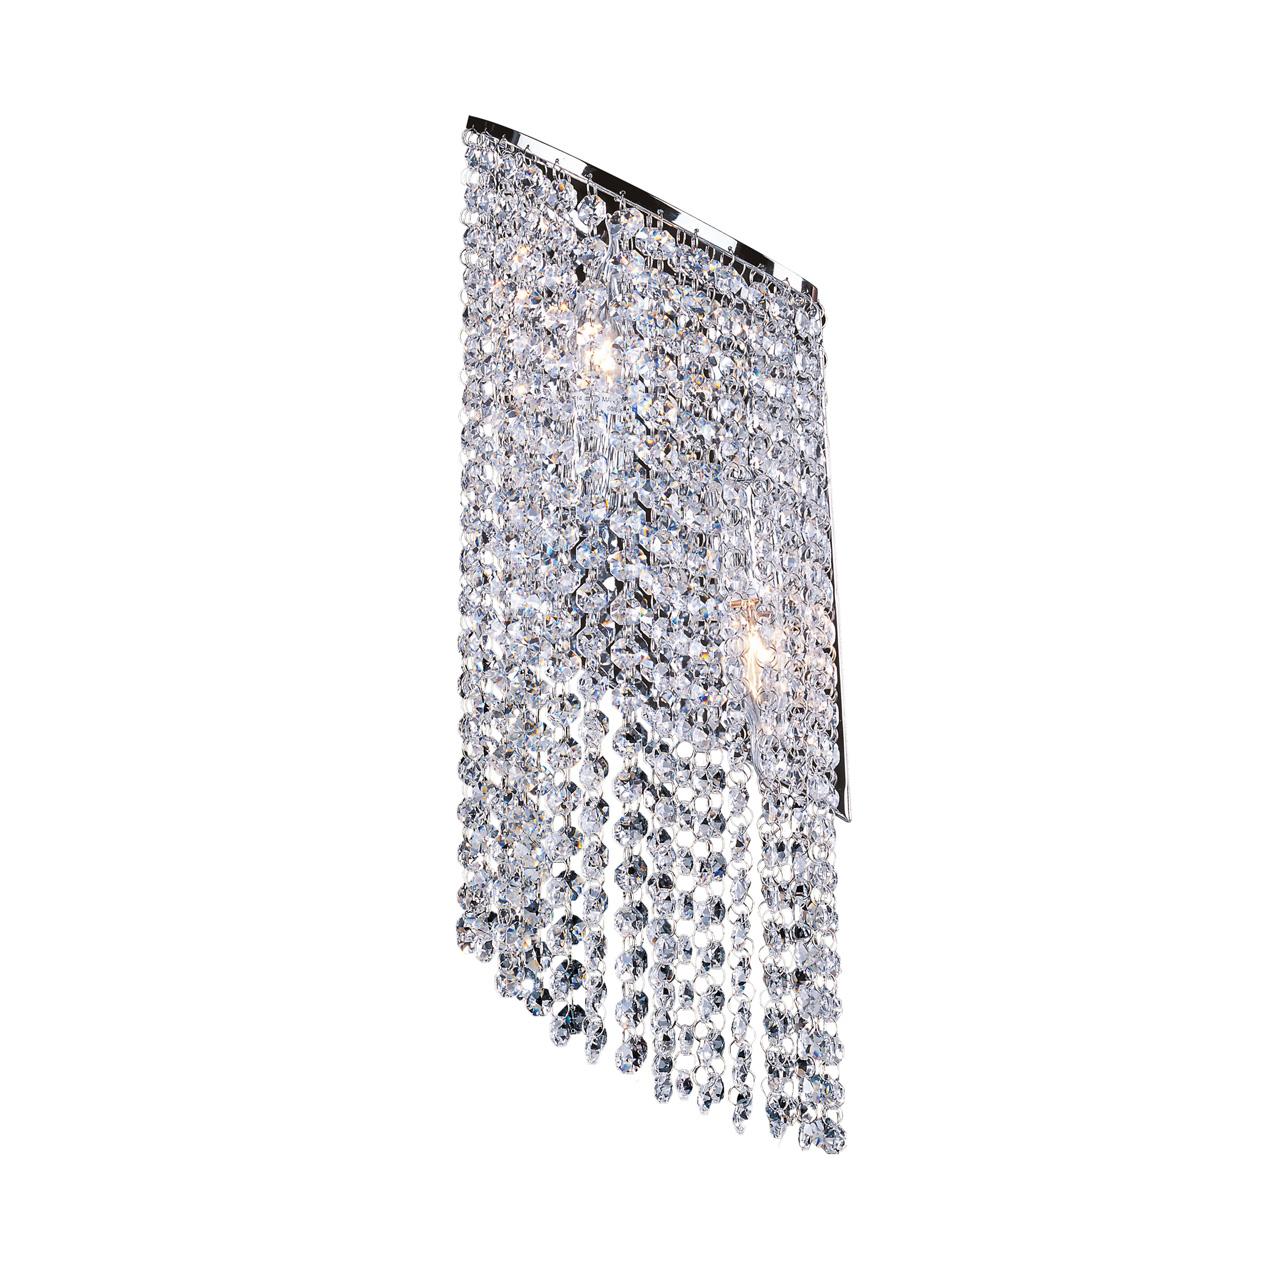 Настенный светильник Osgona Nuvola 709624 цена 2017